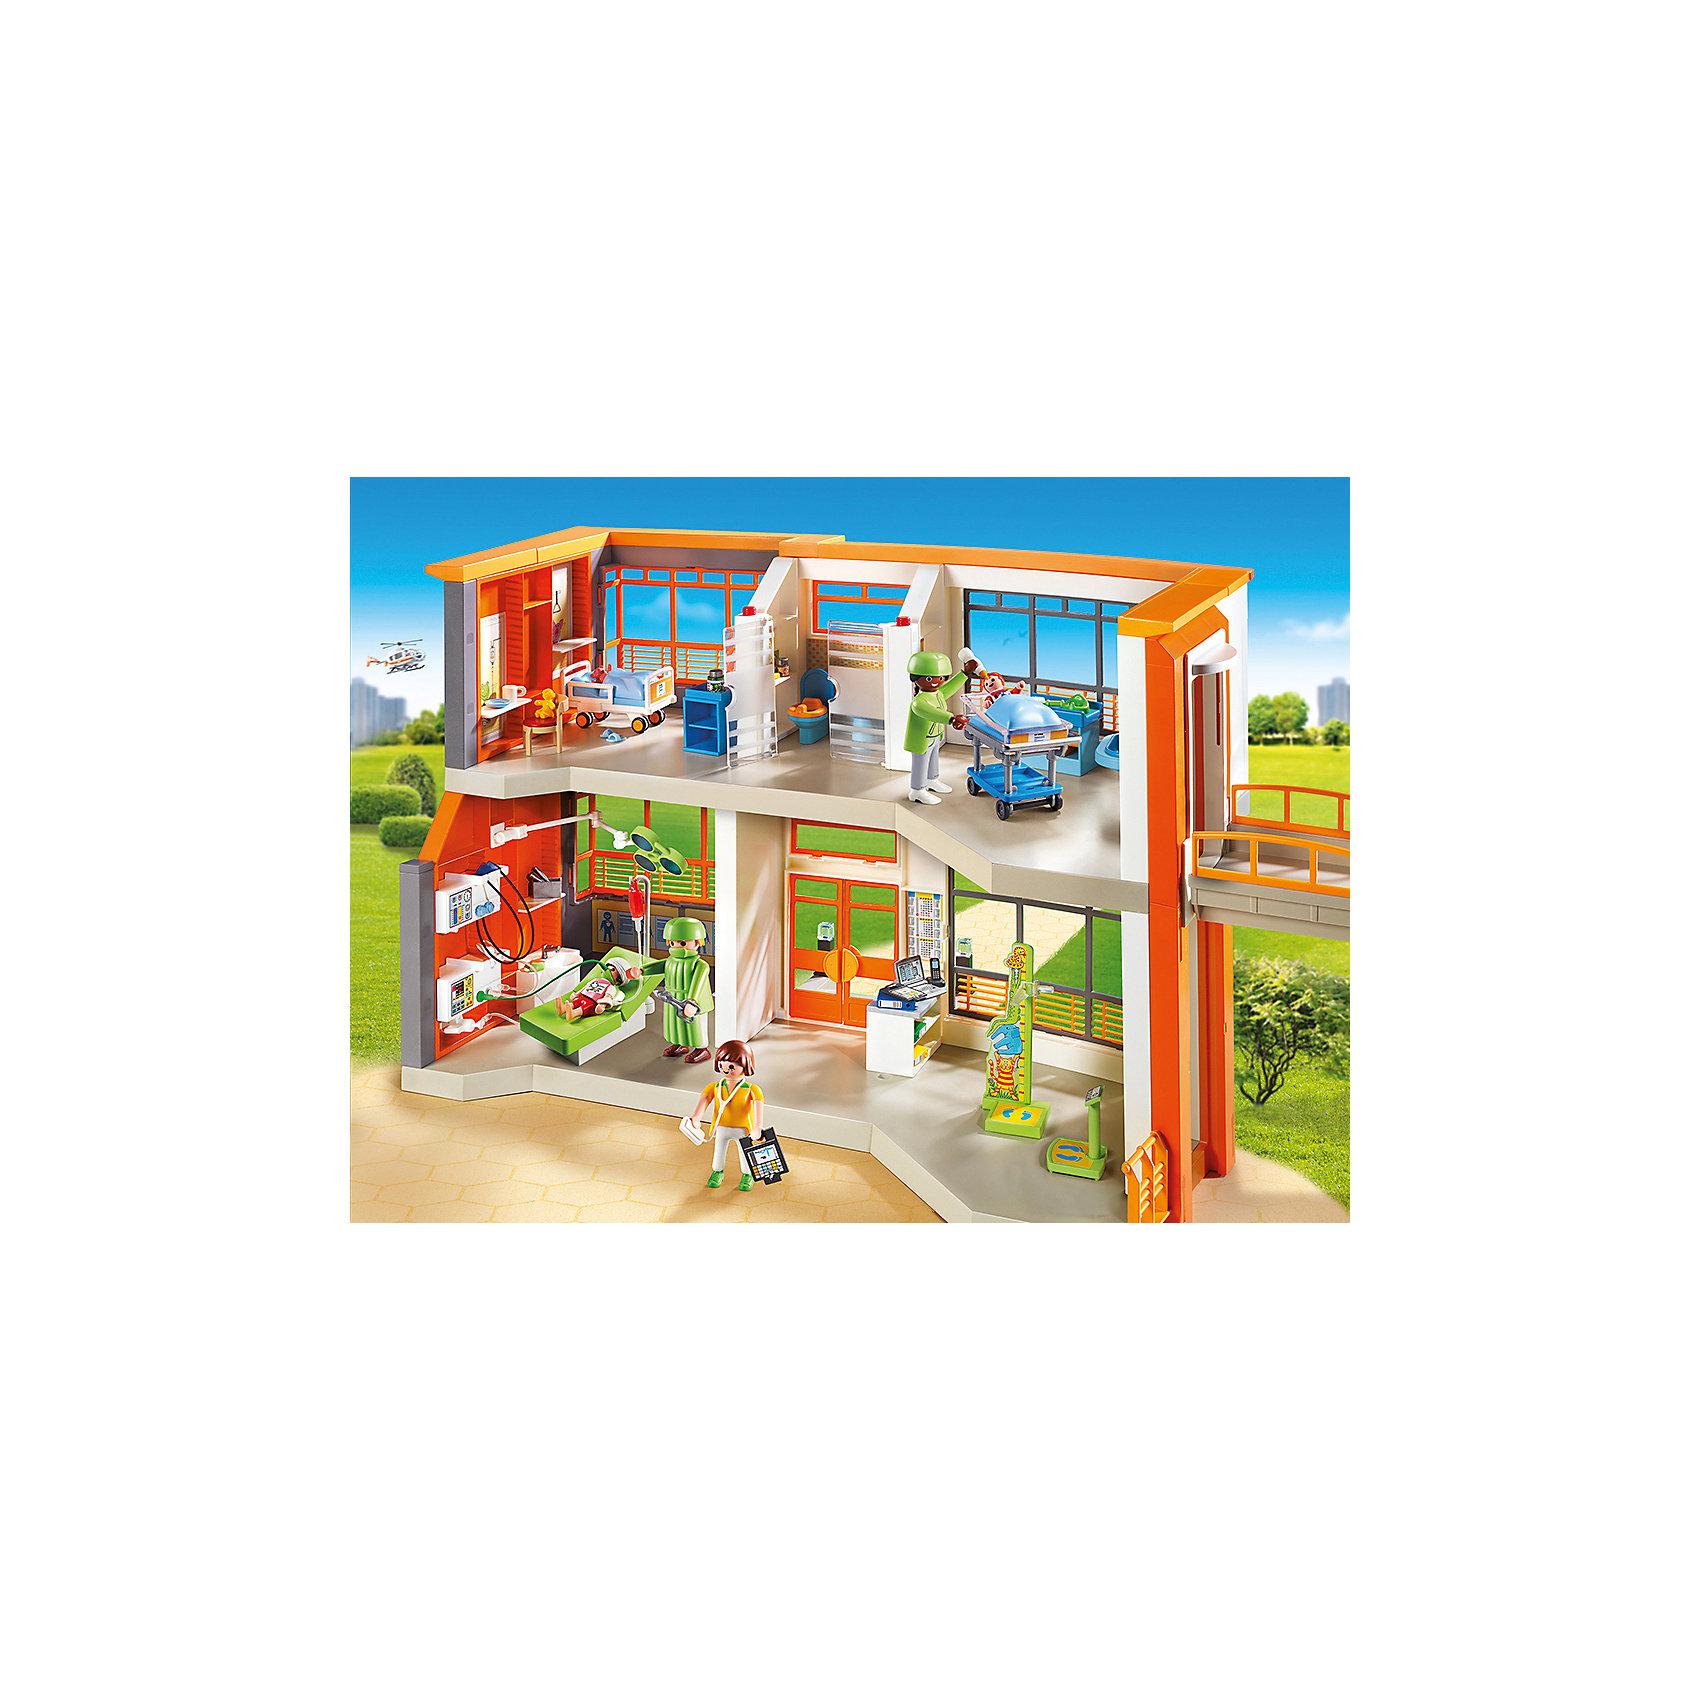 PLAYMOBIL® Детская клиника: Меблированная детская больница, PLAYMOBIL playmobil® зоопарк стая фламинго playmobil